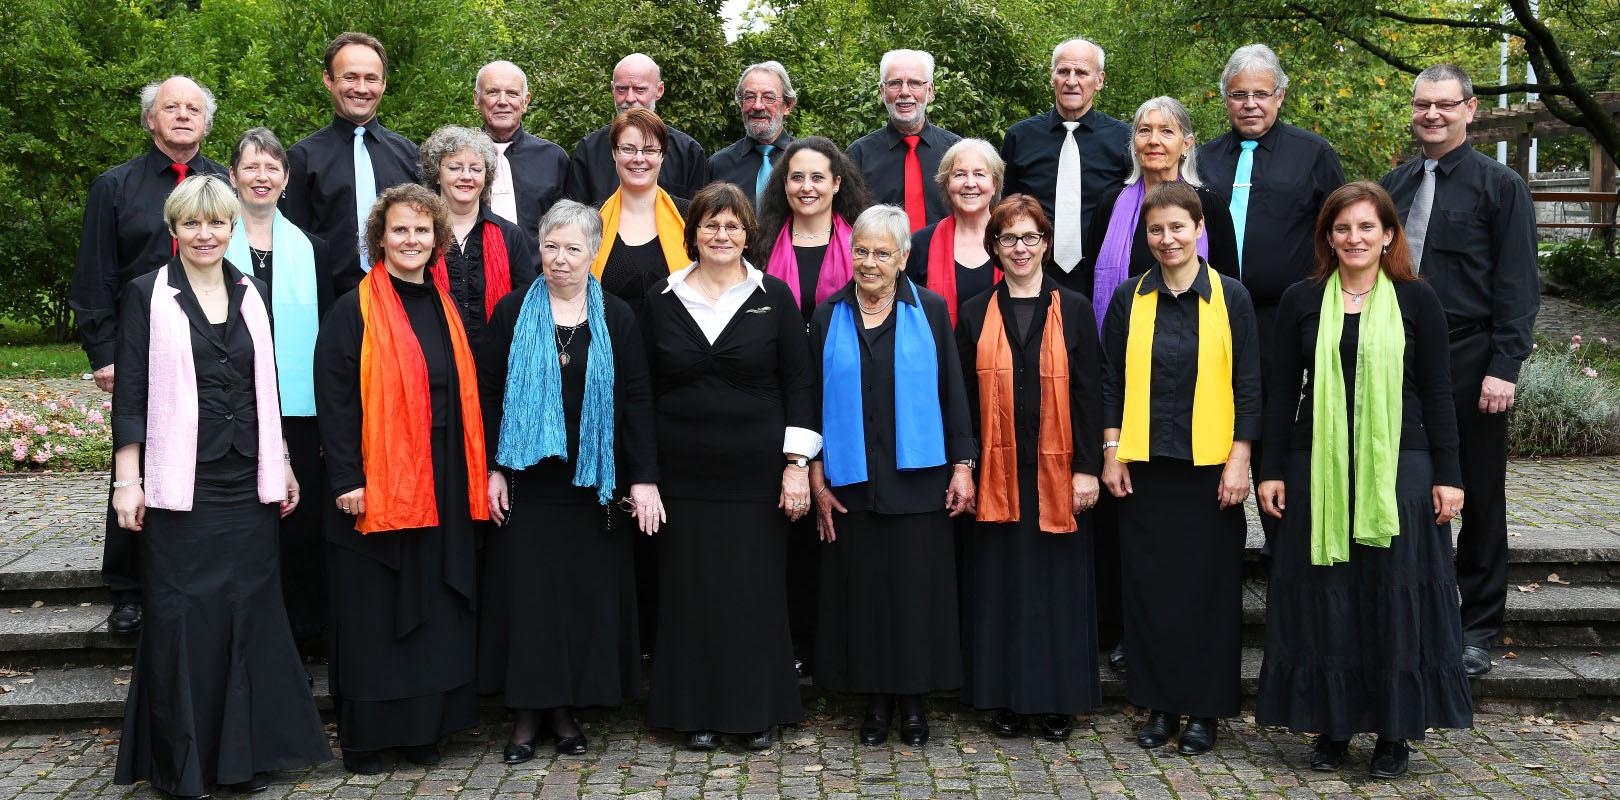 Willkommen beim Gemischten Chor Inspiratione